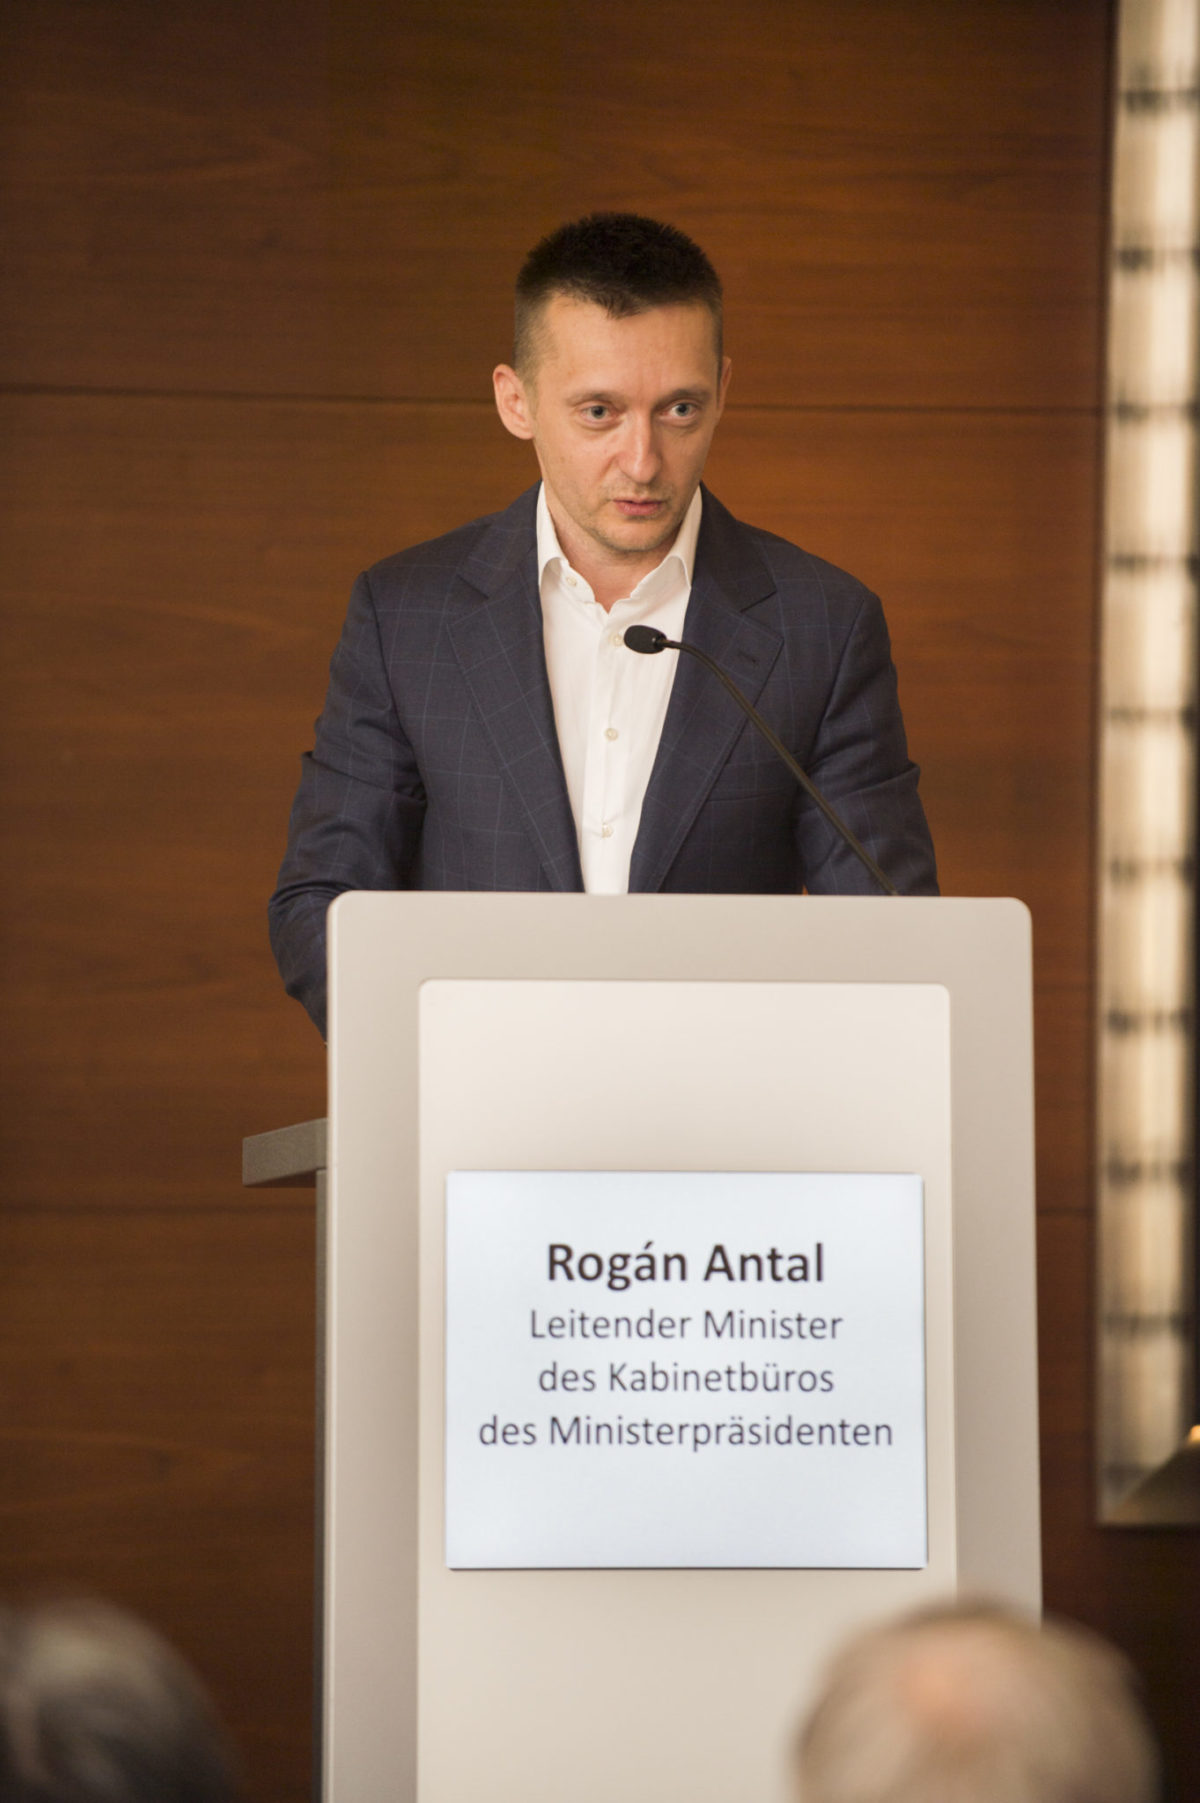 Vortrag von Minister Antal Rogán